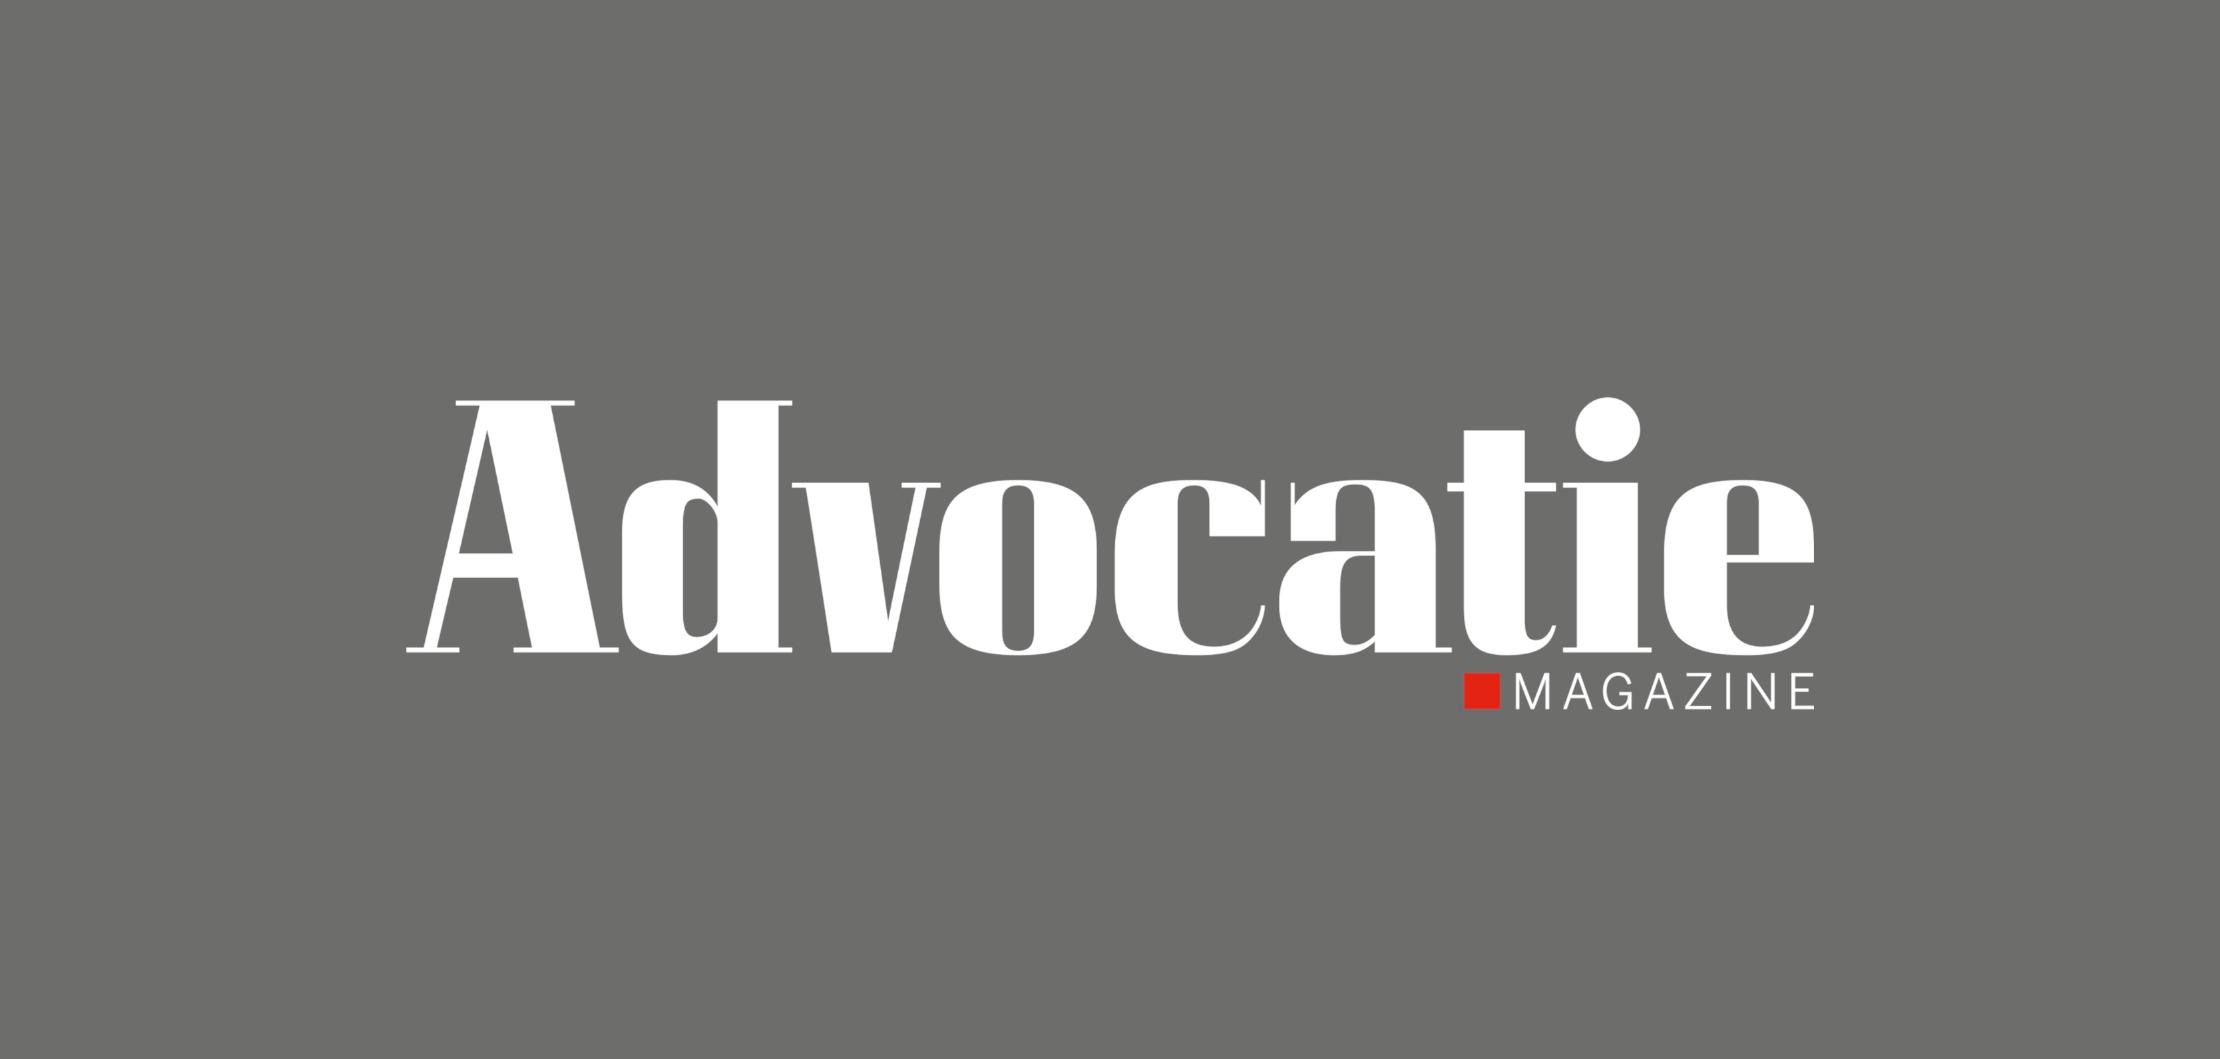 Advocatie-magazine logo 4